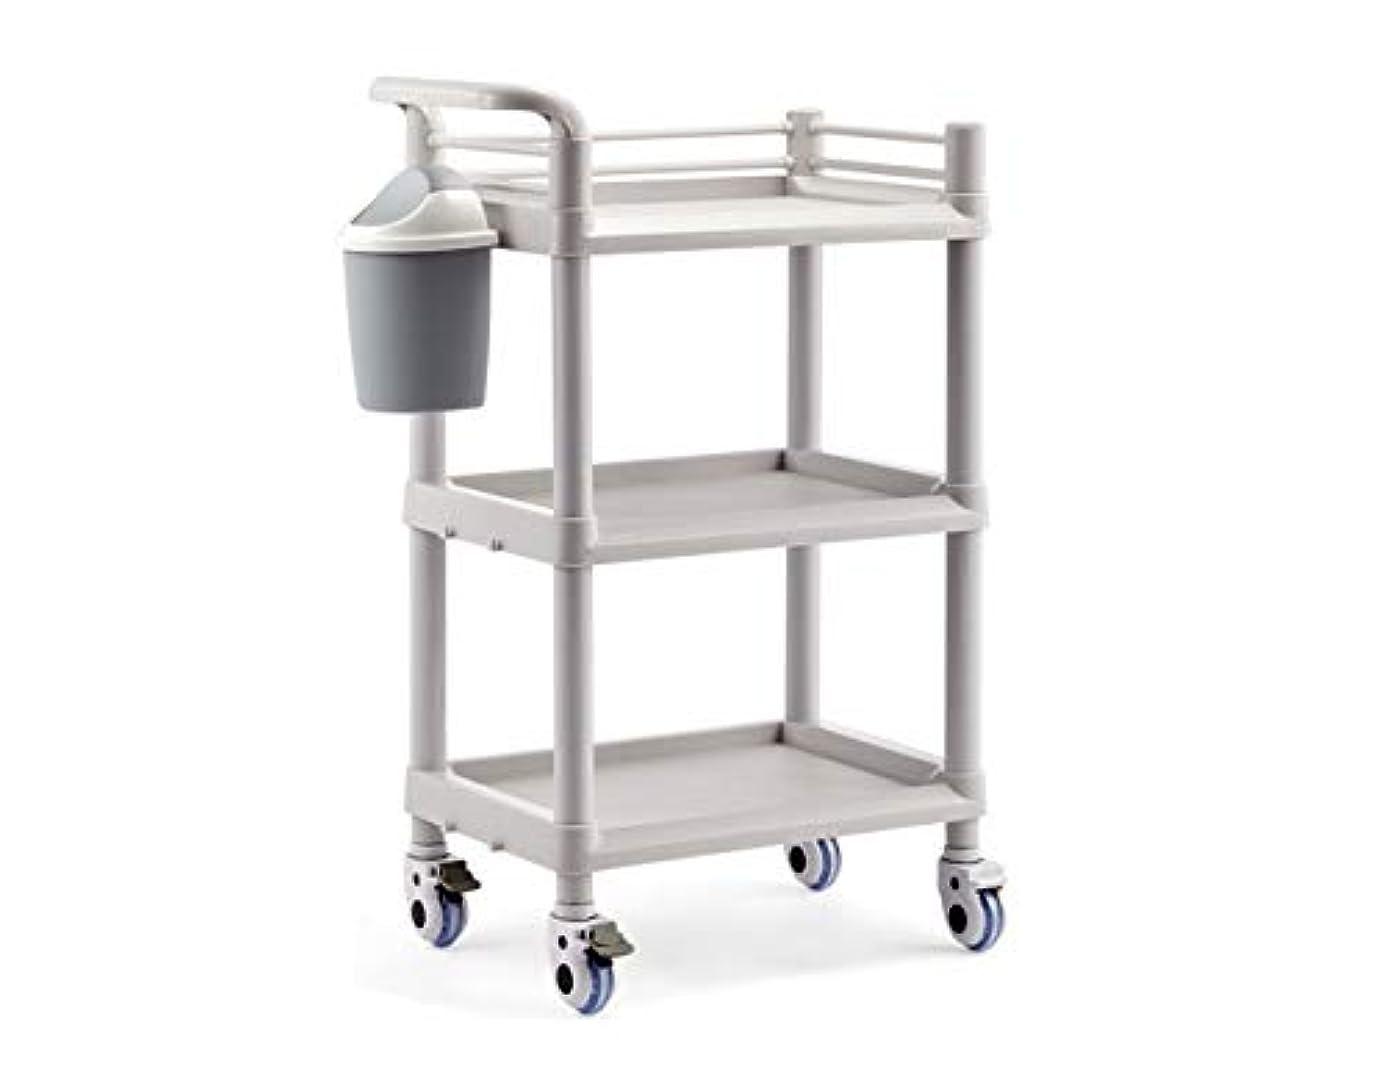 レベルコンプライアンス不均一サロン家具スパ美容トロリーローリングカートゴミ箱2または3層6種類オプション Elitzia ET005 (灰色ゴミ箱付き3層)